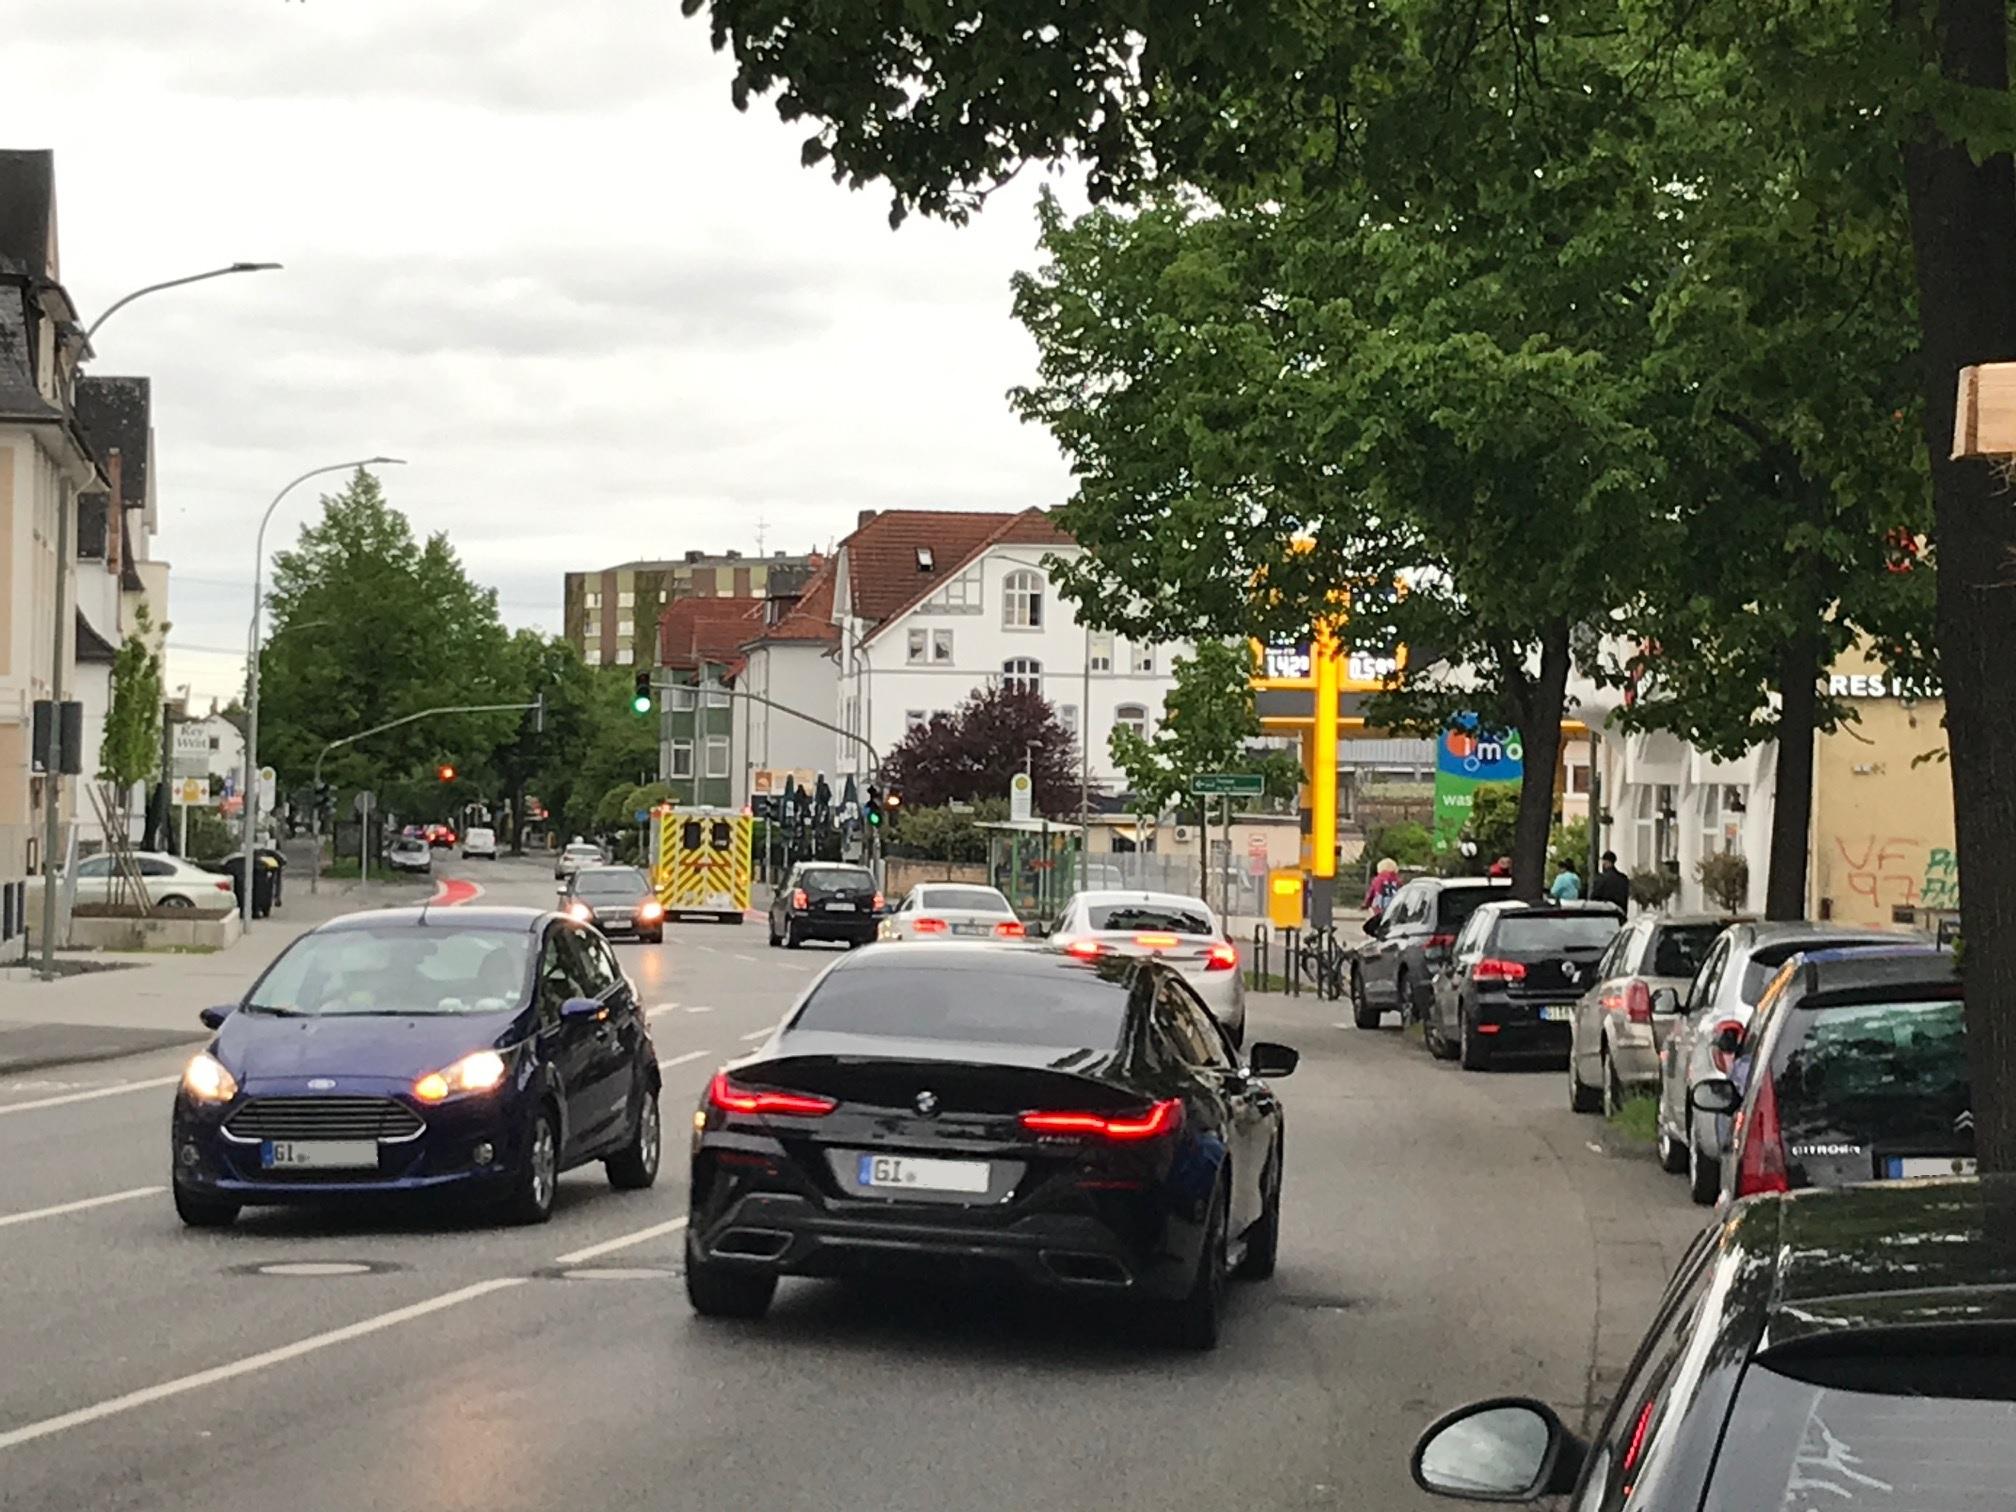 Kaum eine Straße in Gießen ist so lärmgeplagt wie die Rodheimer Straße in der Weststadt. Der Verkehrsclub Deutschland hat daher den Internationalen Tag des Lärms zum Anlass genommen und den Magistrat aufgefordert, endlich Tempo 30 am Tag und vor allem in der Nacht einzuführen.